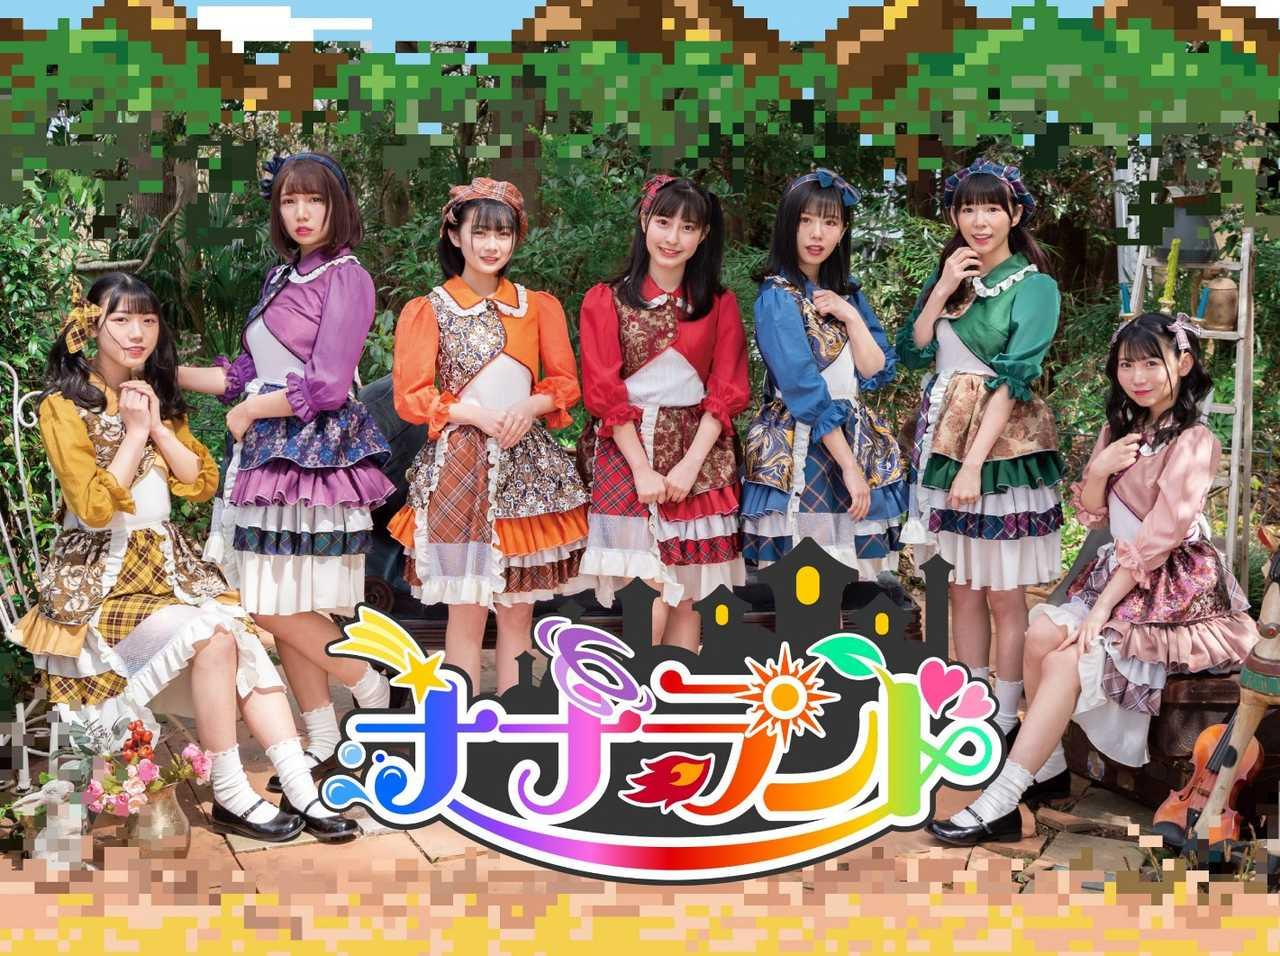 ナナランド 、6月5日無観客配信ライブにて新体制後初のシングルリリースを発表!!